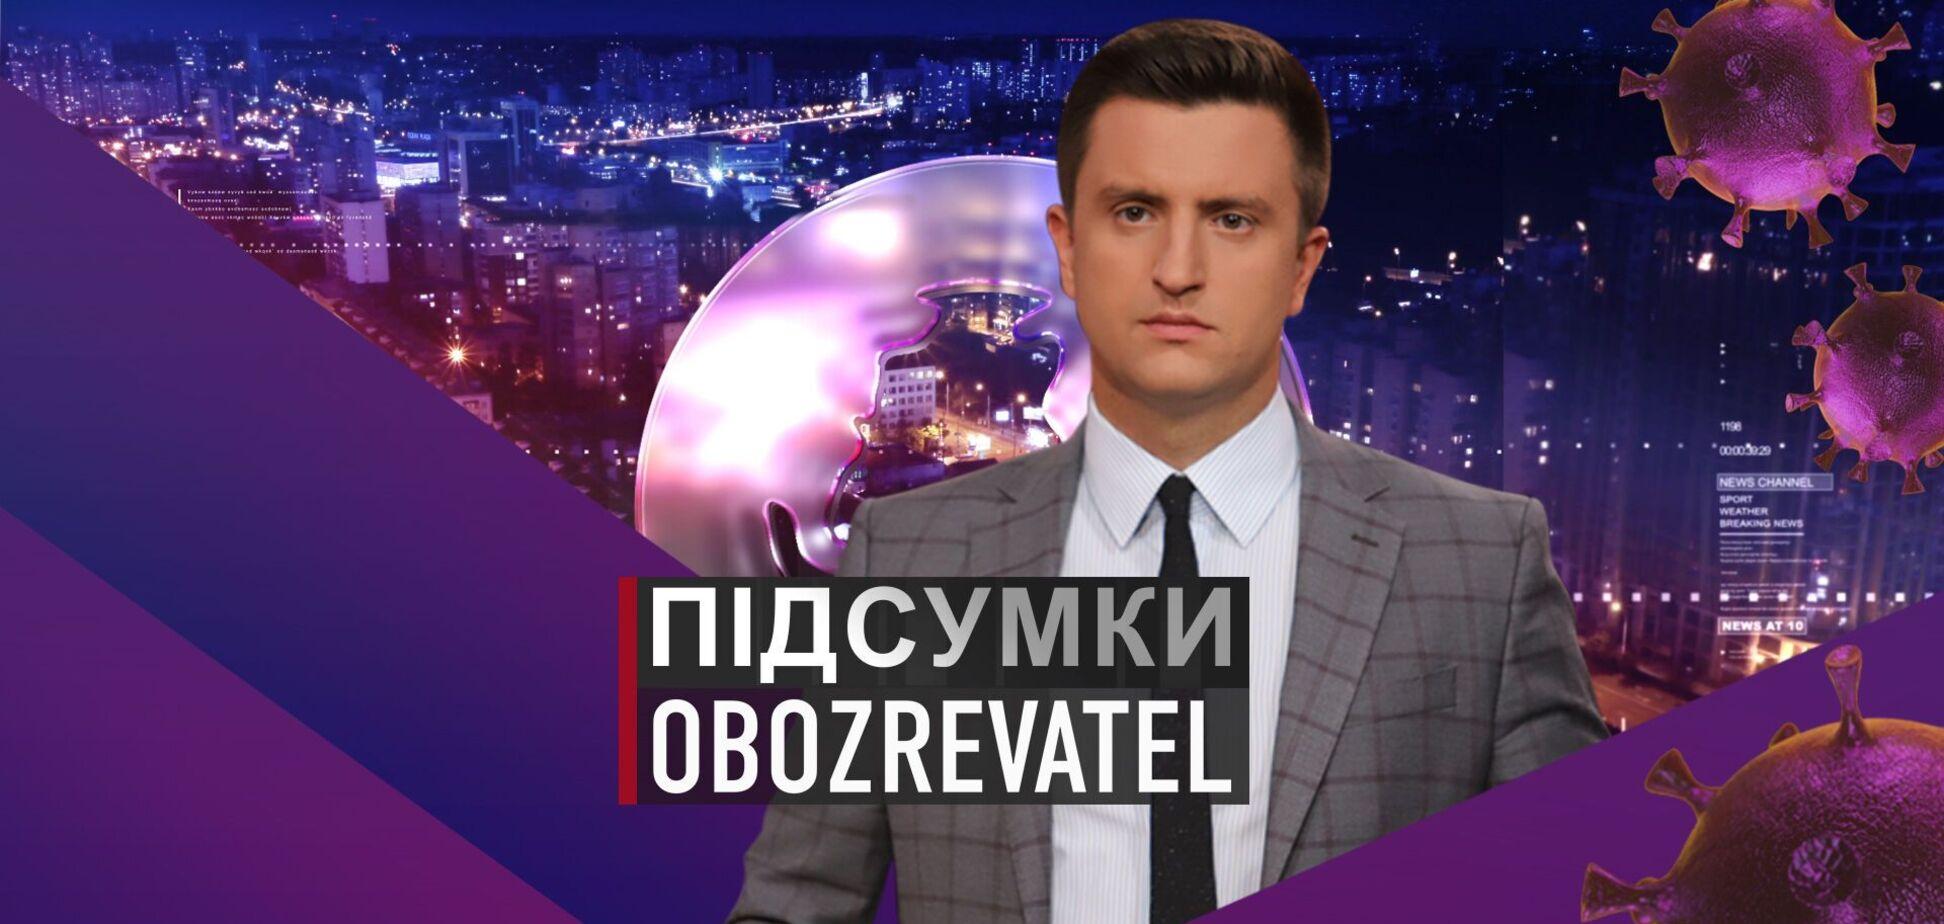 Підсумки с Вадимом Колодийчуком. Четверг, 29 апреля